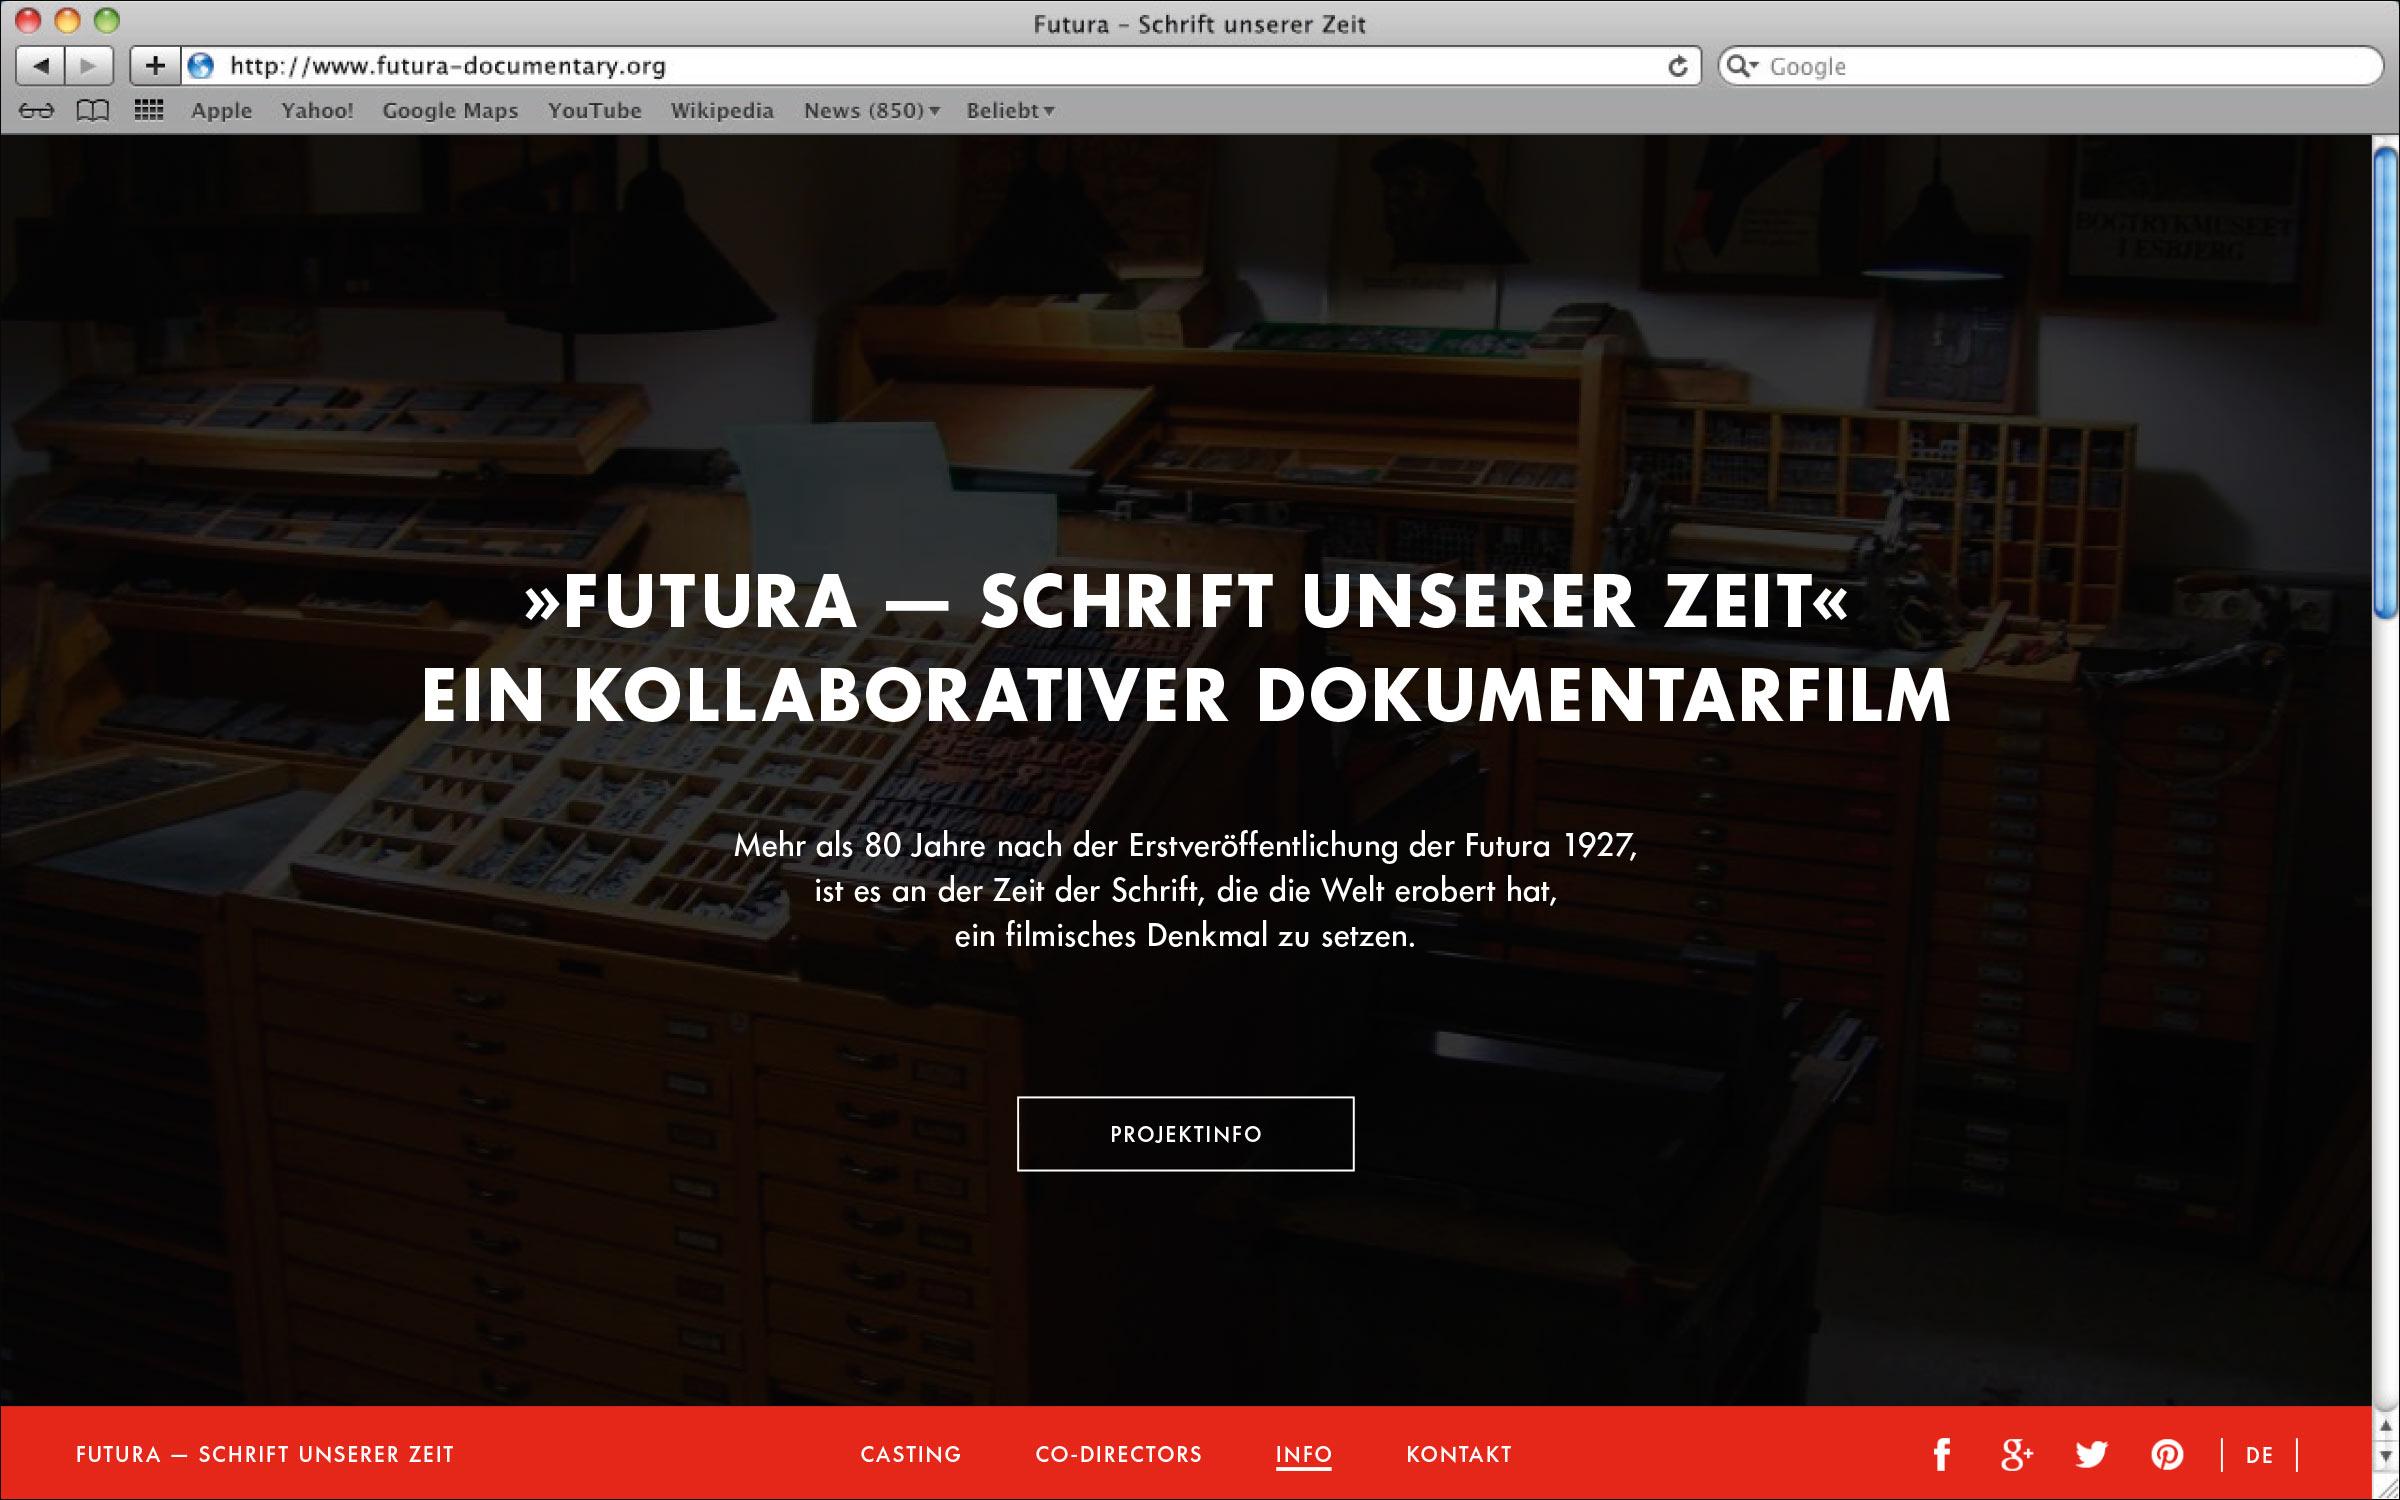 Webseite mit Slogan Futura – Schrift unserer Zeit. Ein kollaborativer Dokumentarfilm. © Christian Weber – Büro für Gestaltung und Kommunikation